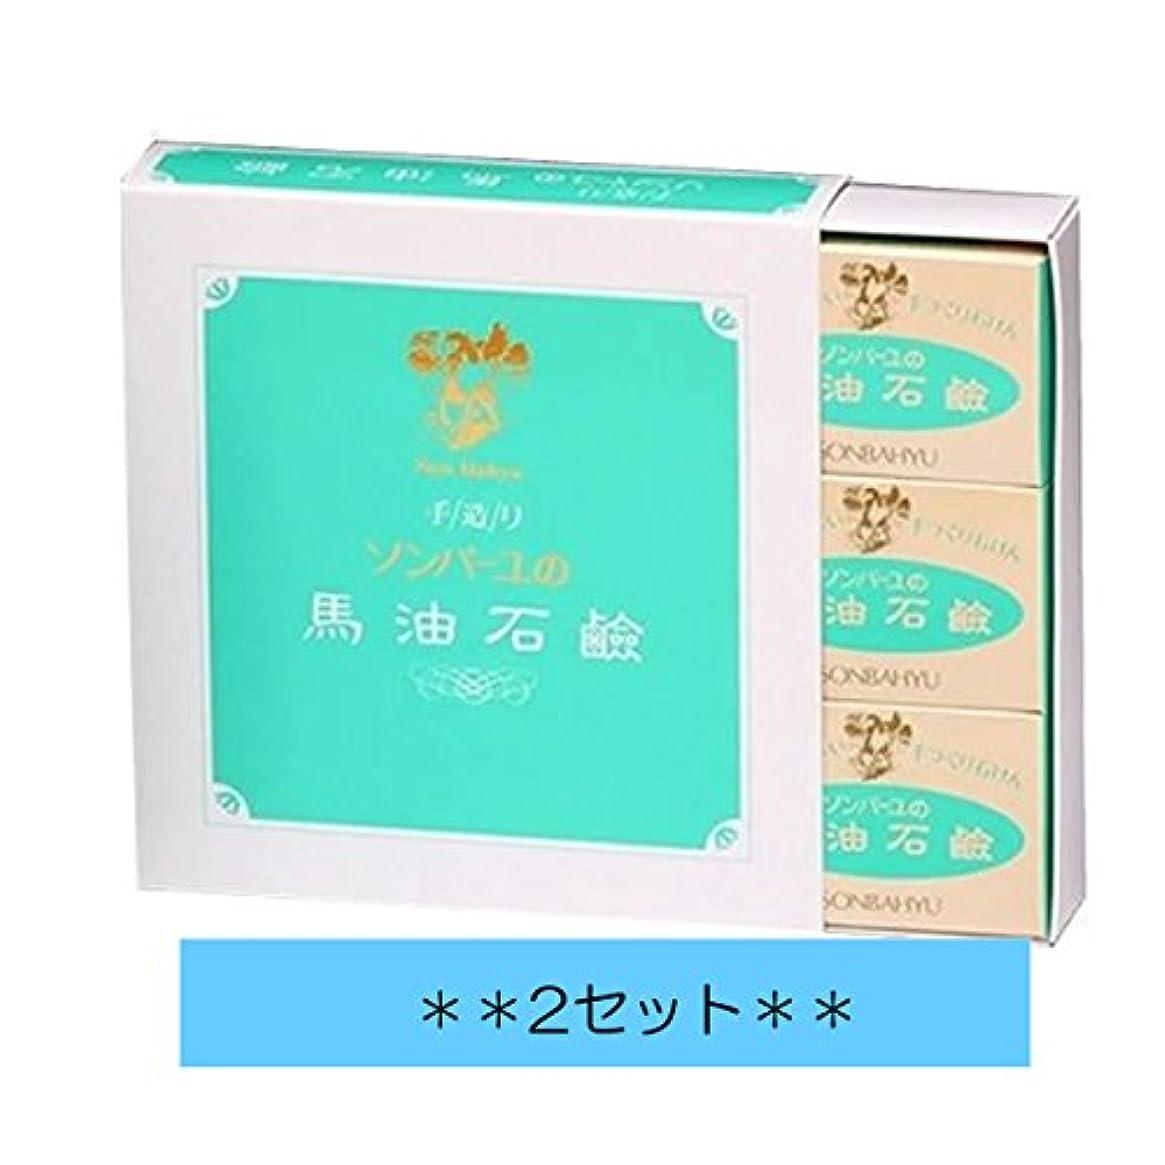 黙認するユニークな分数【2箱セット】ソンバーユ石鹸 85g×6個